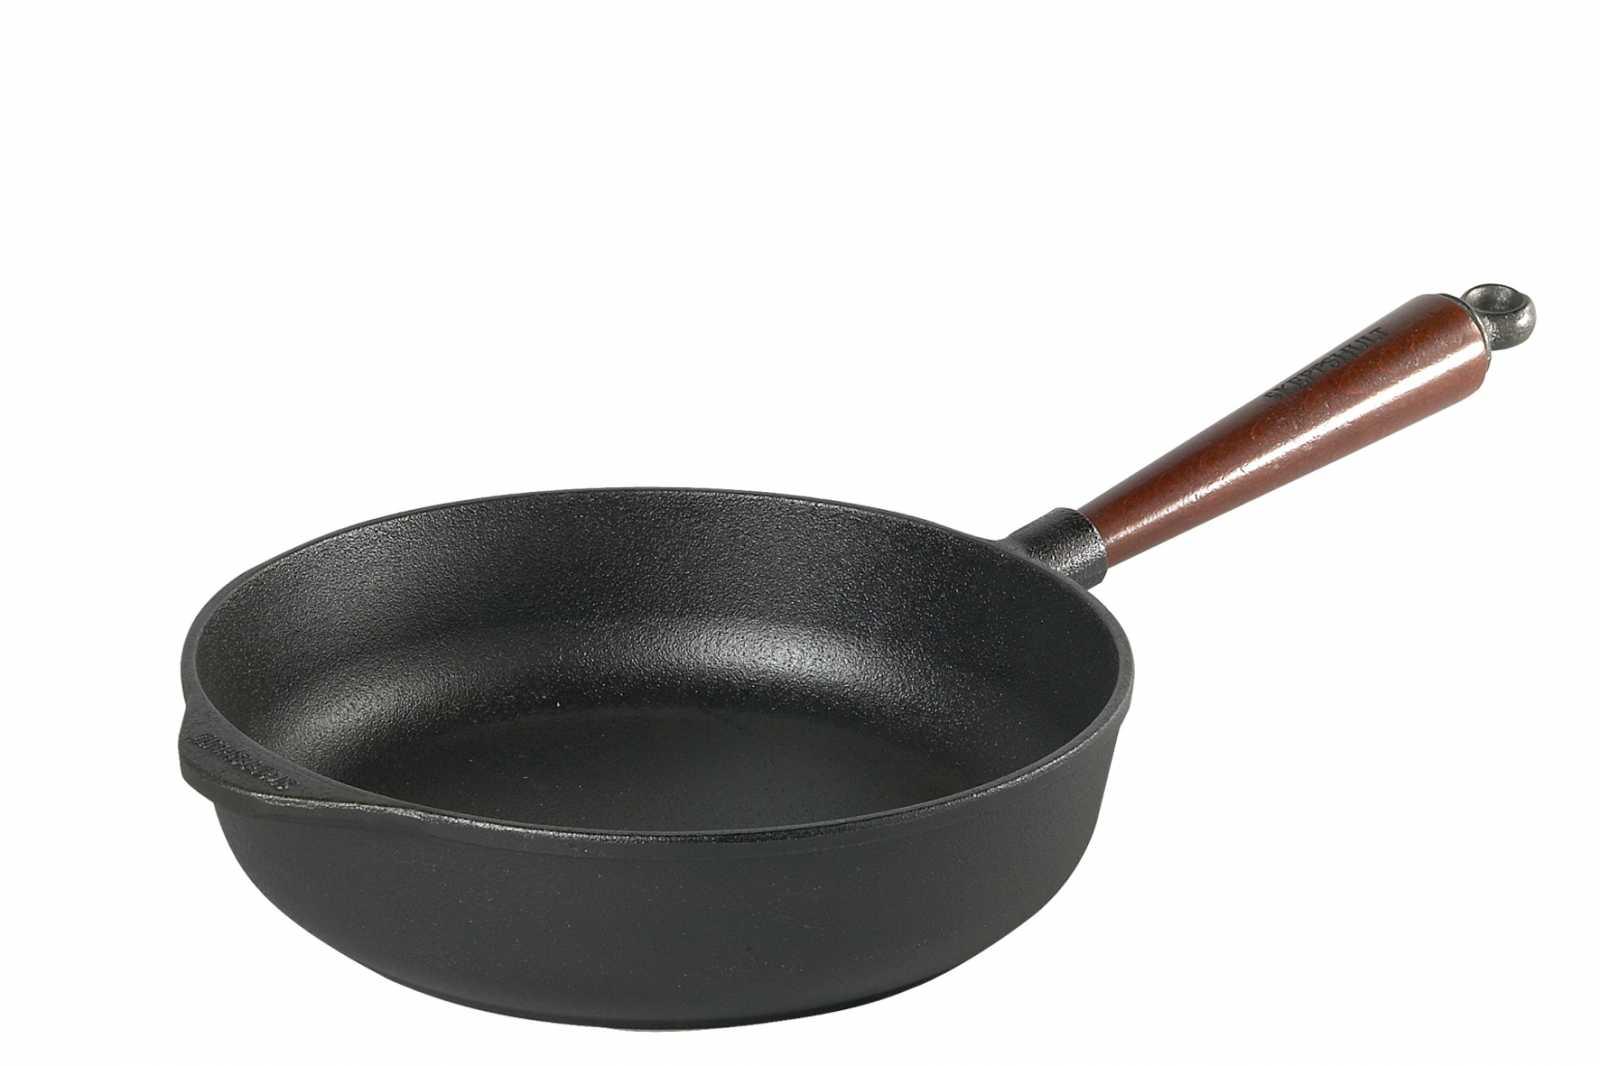 Онлайн каталог PROMENU: Сковорода Skeppshult TRADITIONAL, диаметр 25 см, черный Skeppshult 0250T